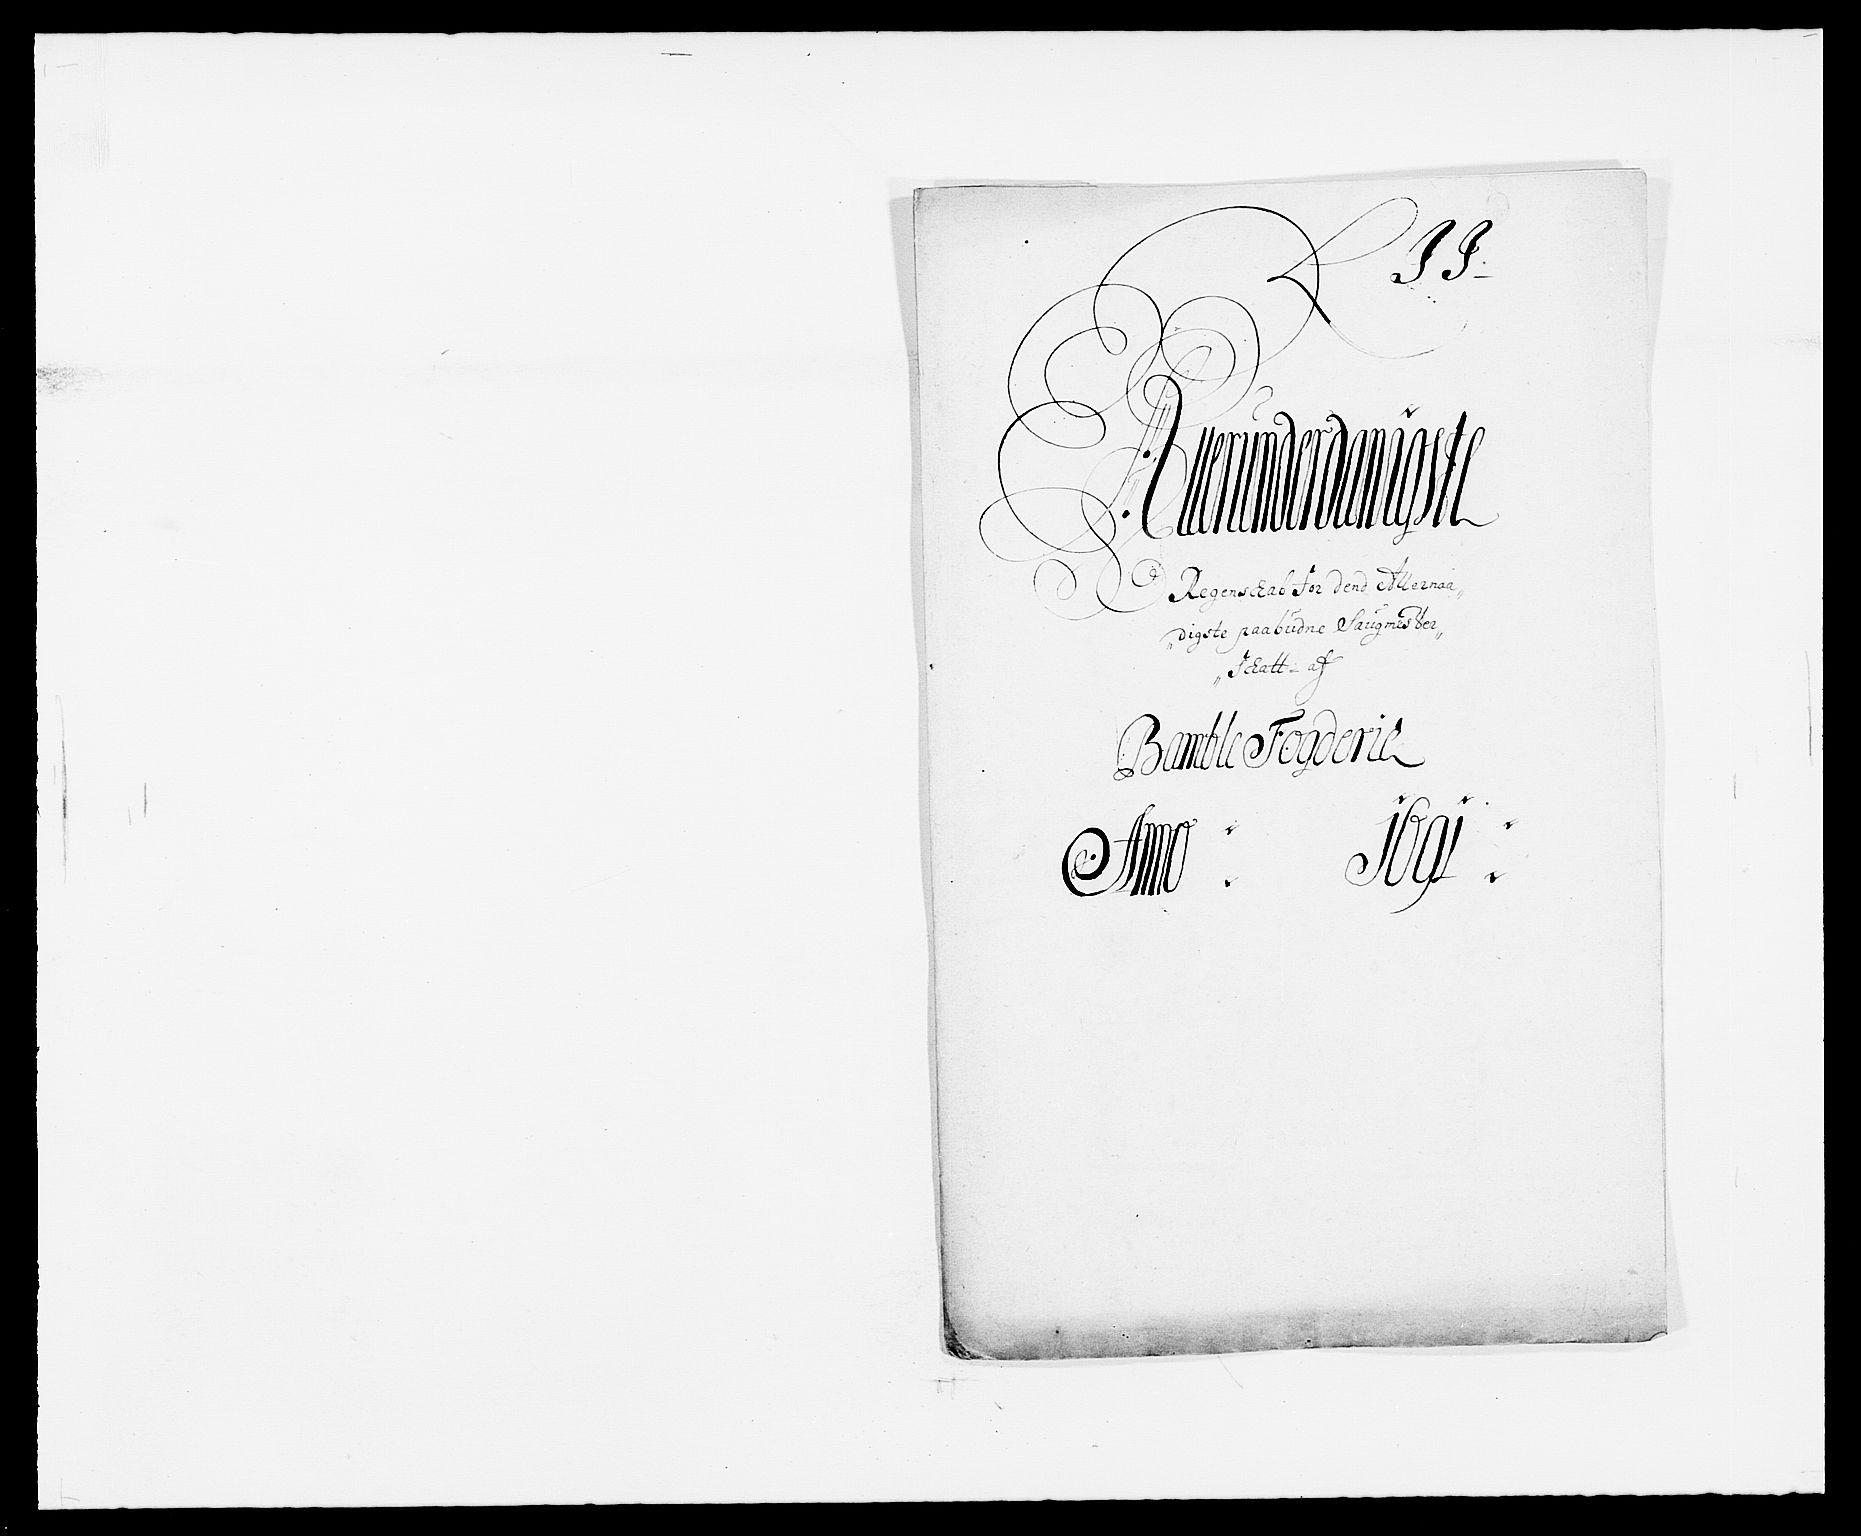 RA, Rentekammeret inntil 1814, Reviderte regnskaper, Fogderegnskap, R34/L2051: Fogderegnskap Bamble, 1688-1691, s. 191